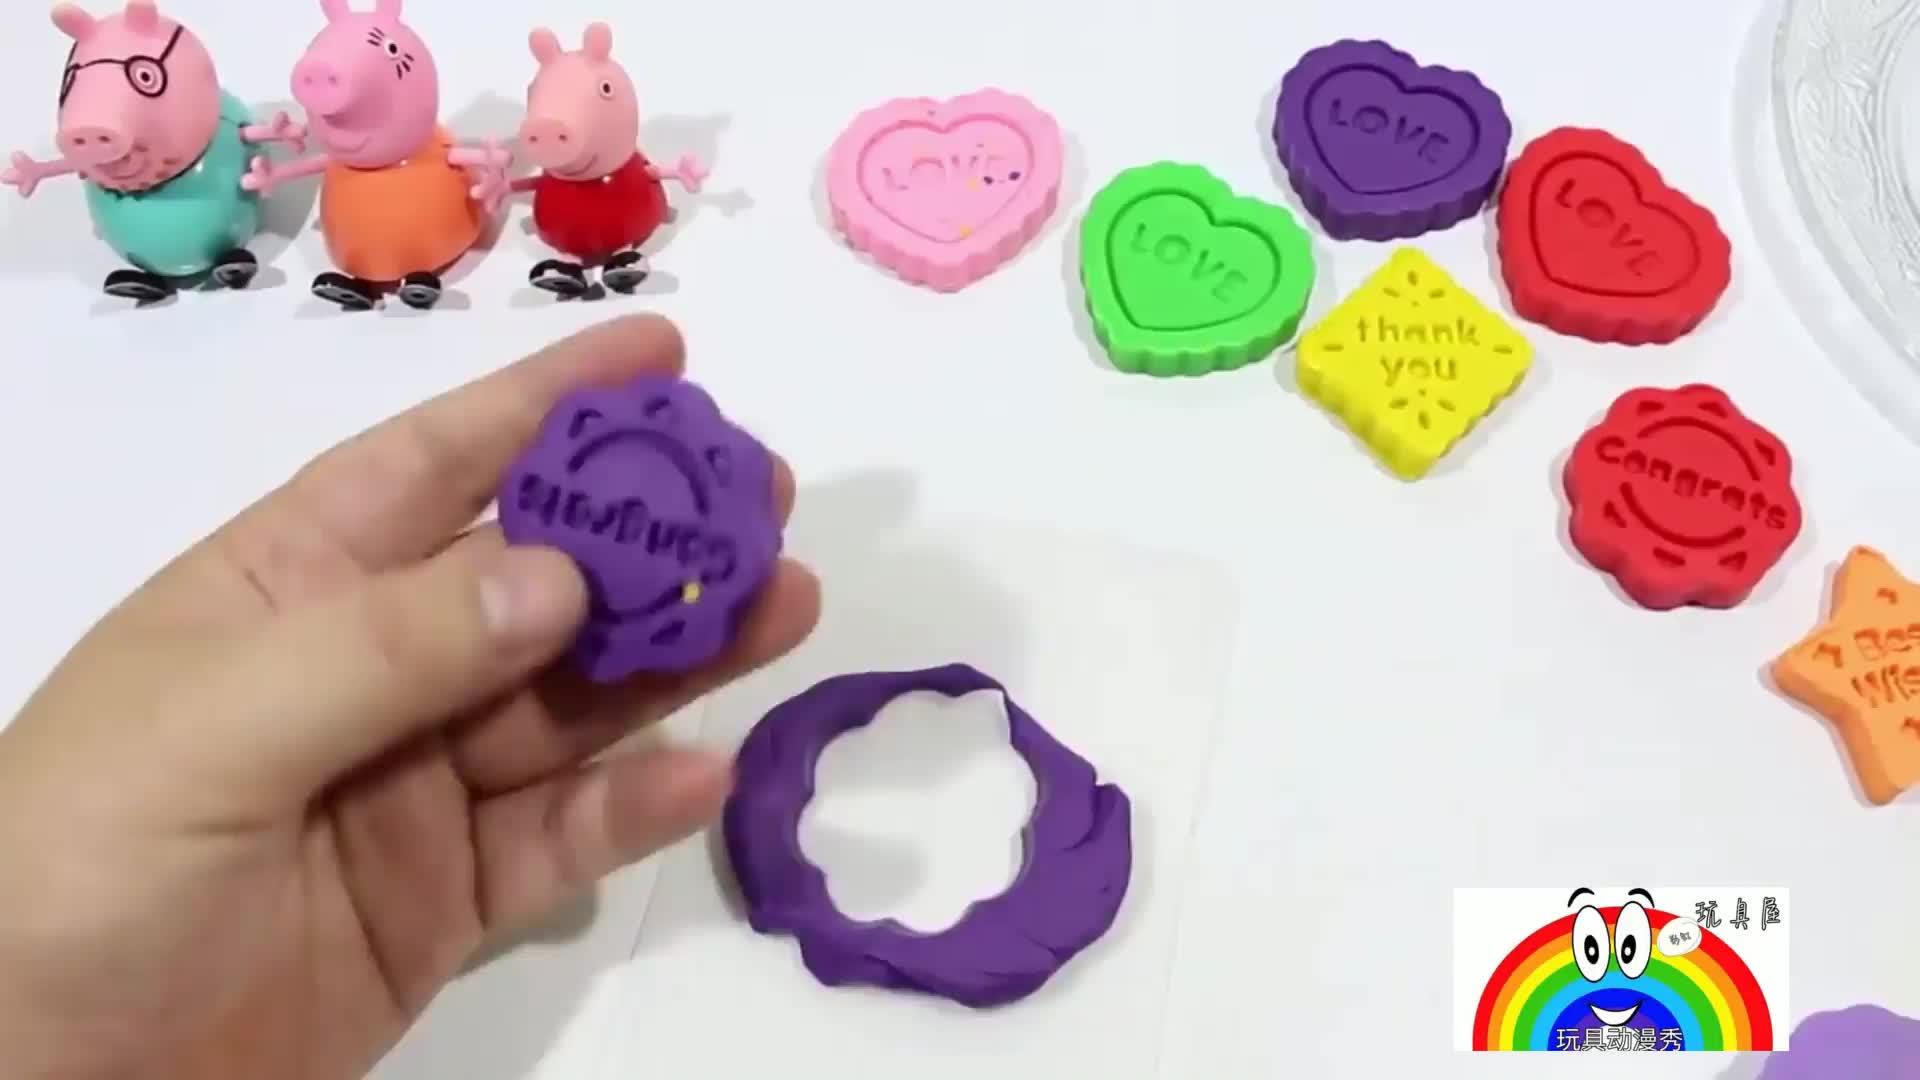 小猪佩奇一家用橡皮泥制作彩色美味点心 彩虹玩具屋-佩奇棉花糖故事